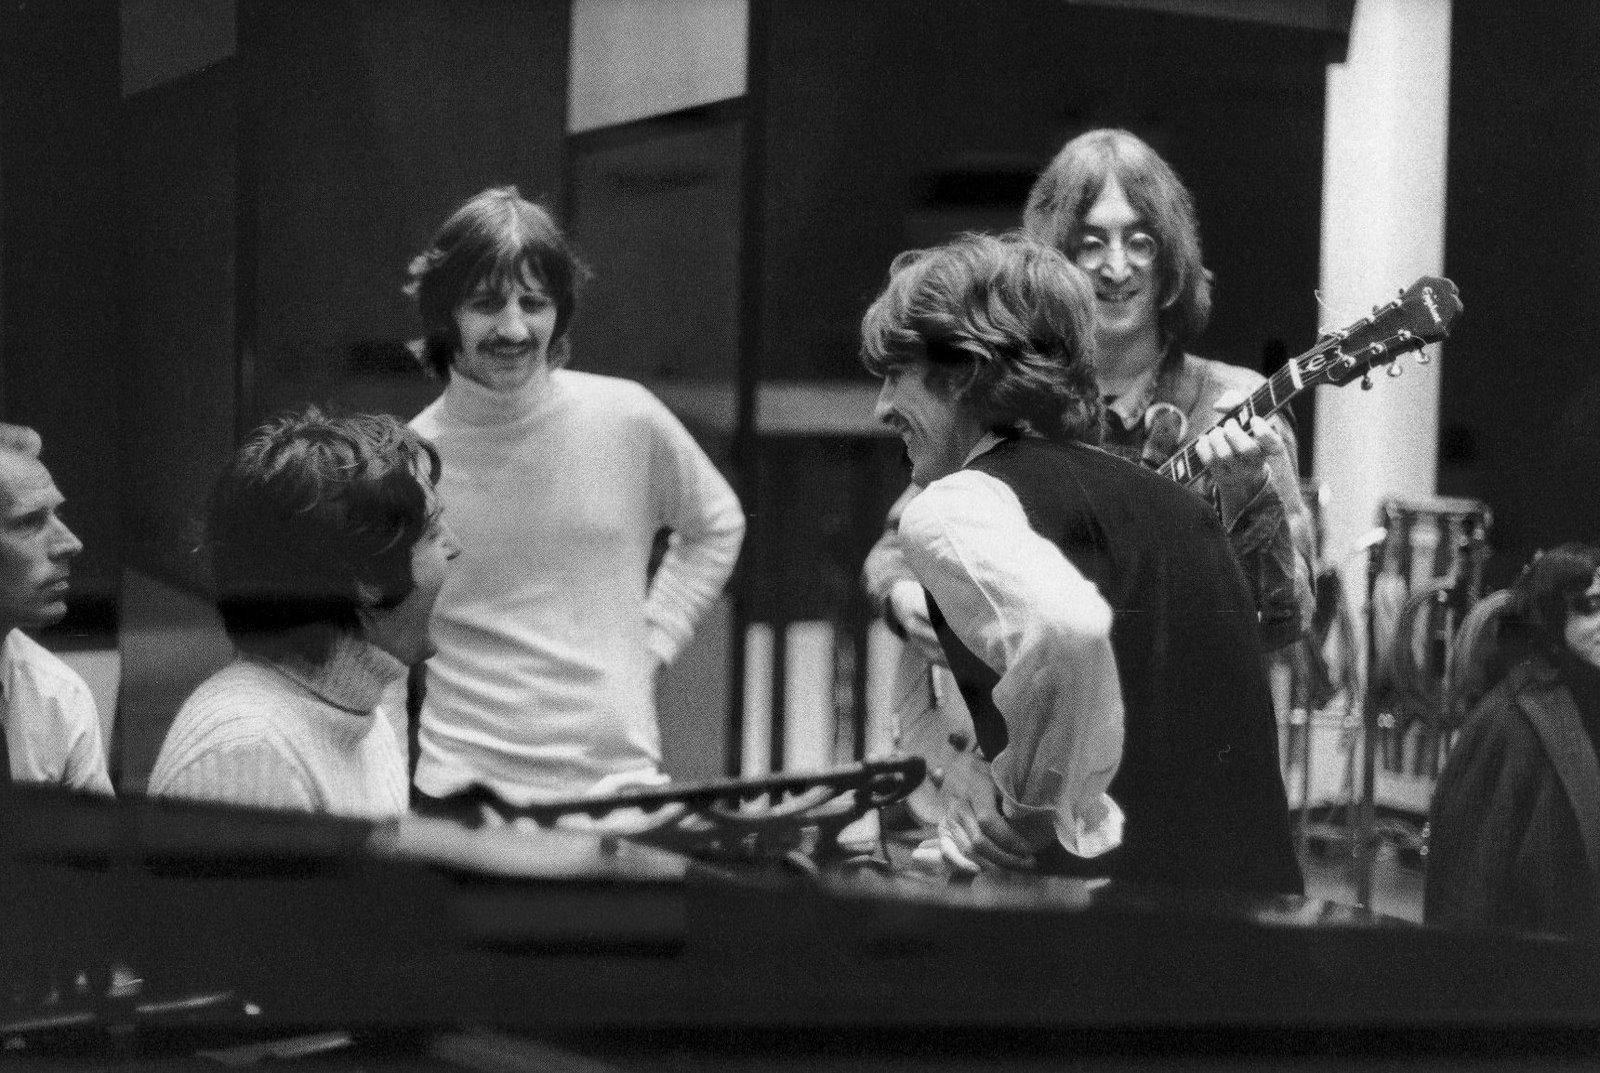 beatles+1968.jpg